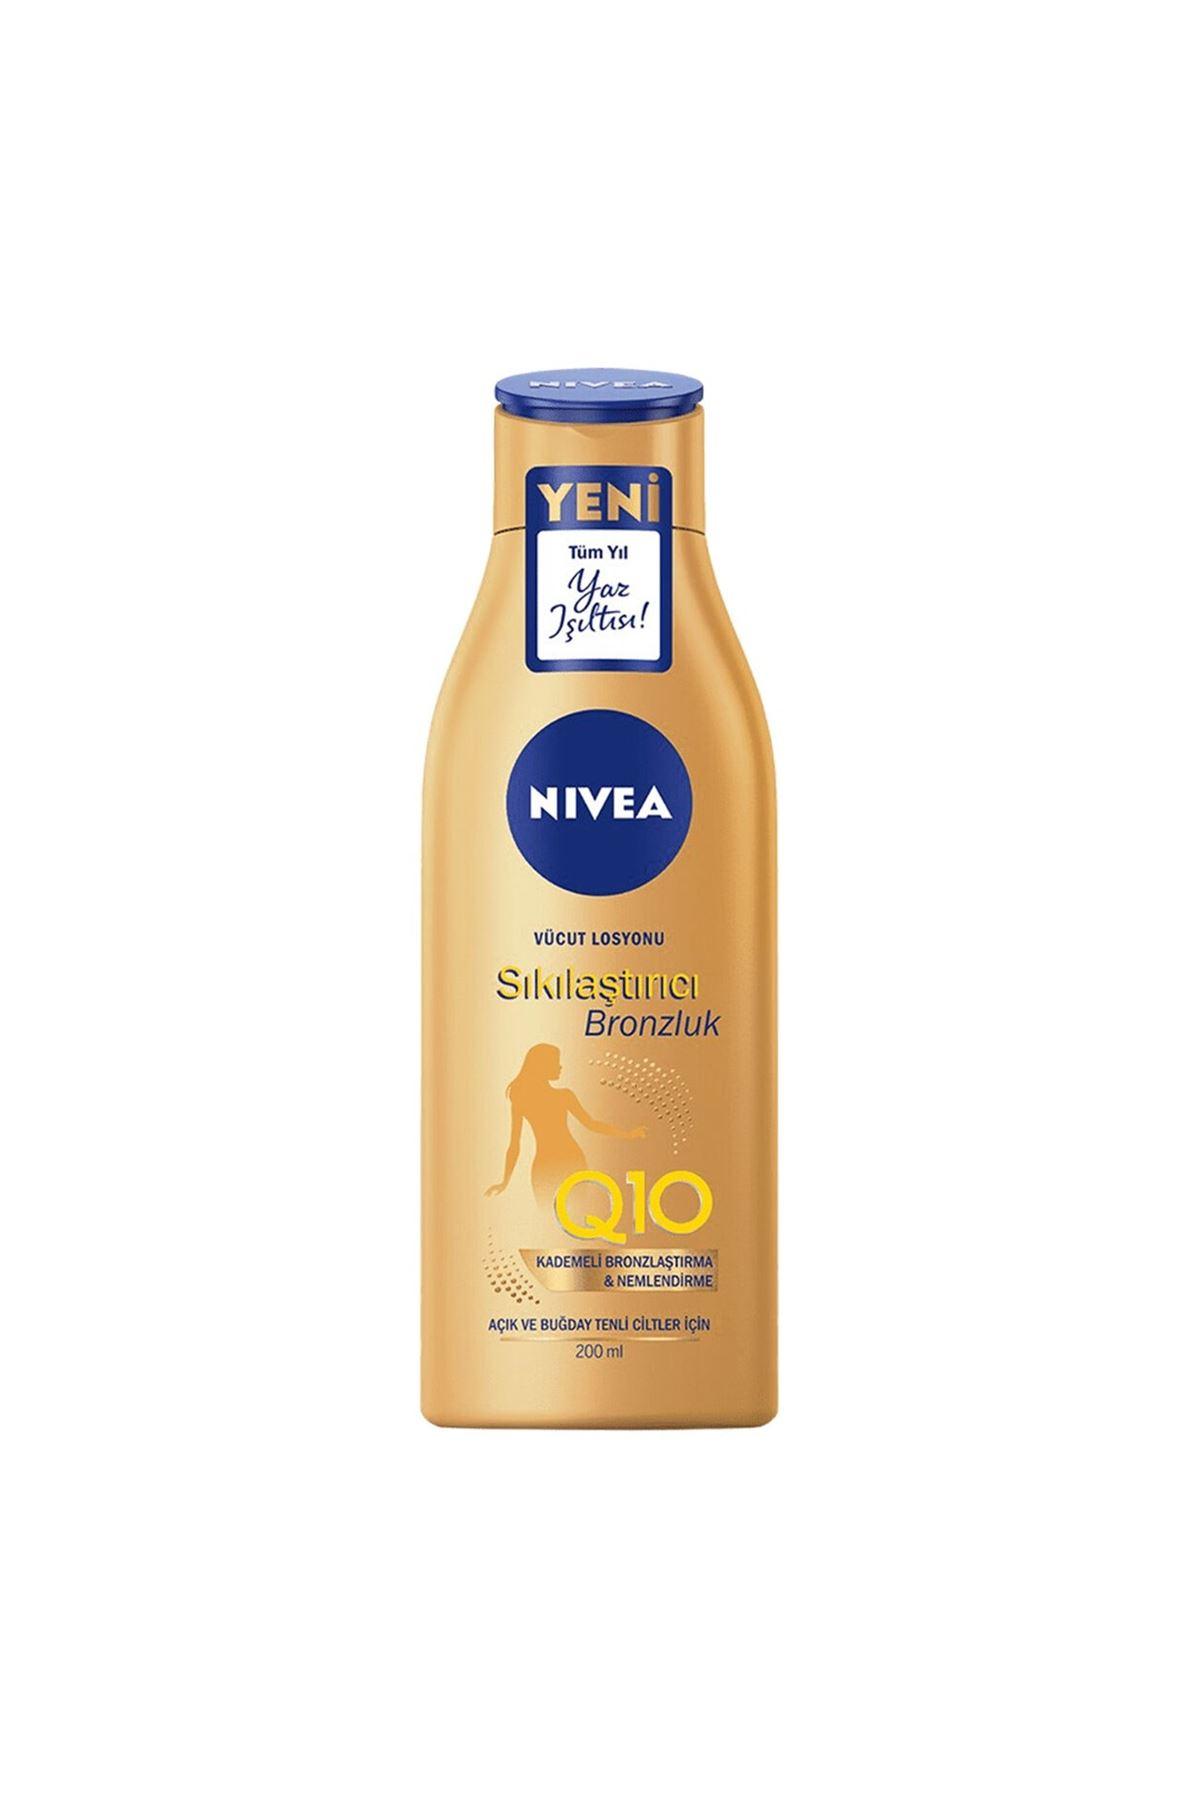 Nivea Body Q10 Sıkılaştırıcı & Bronzlaştırıcı Vücut Losyonu 200 Ml